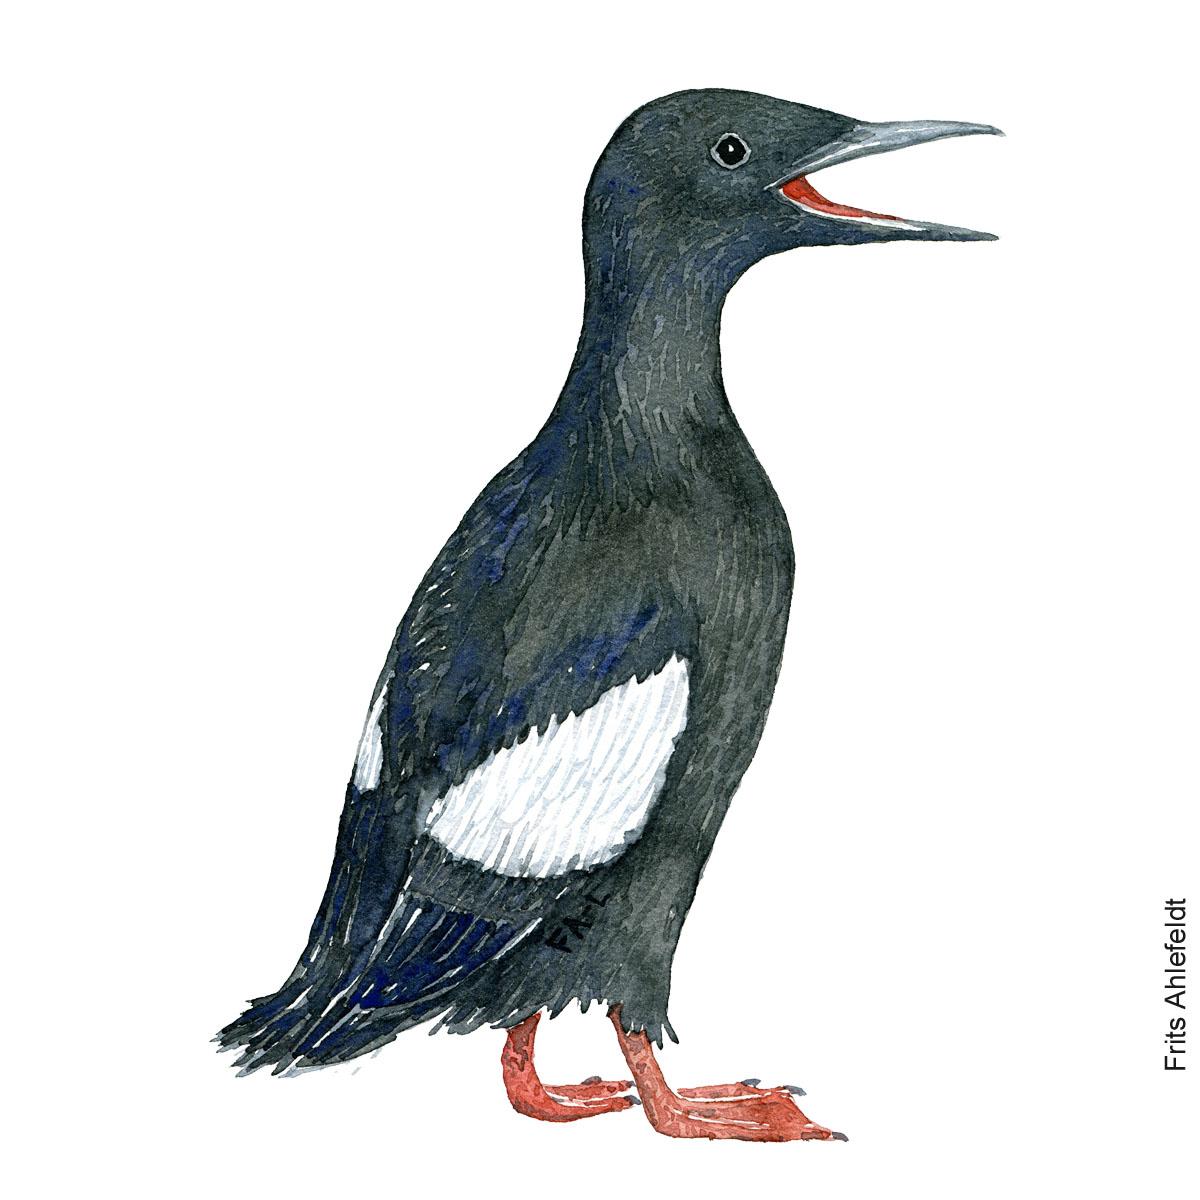 tejst - Black guillemot watercolor. Akvarel af Frits Ahlefeldt